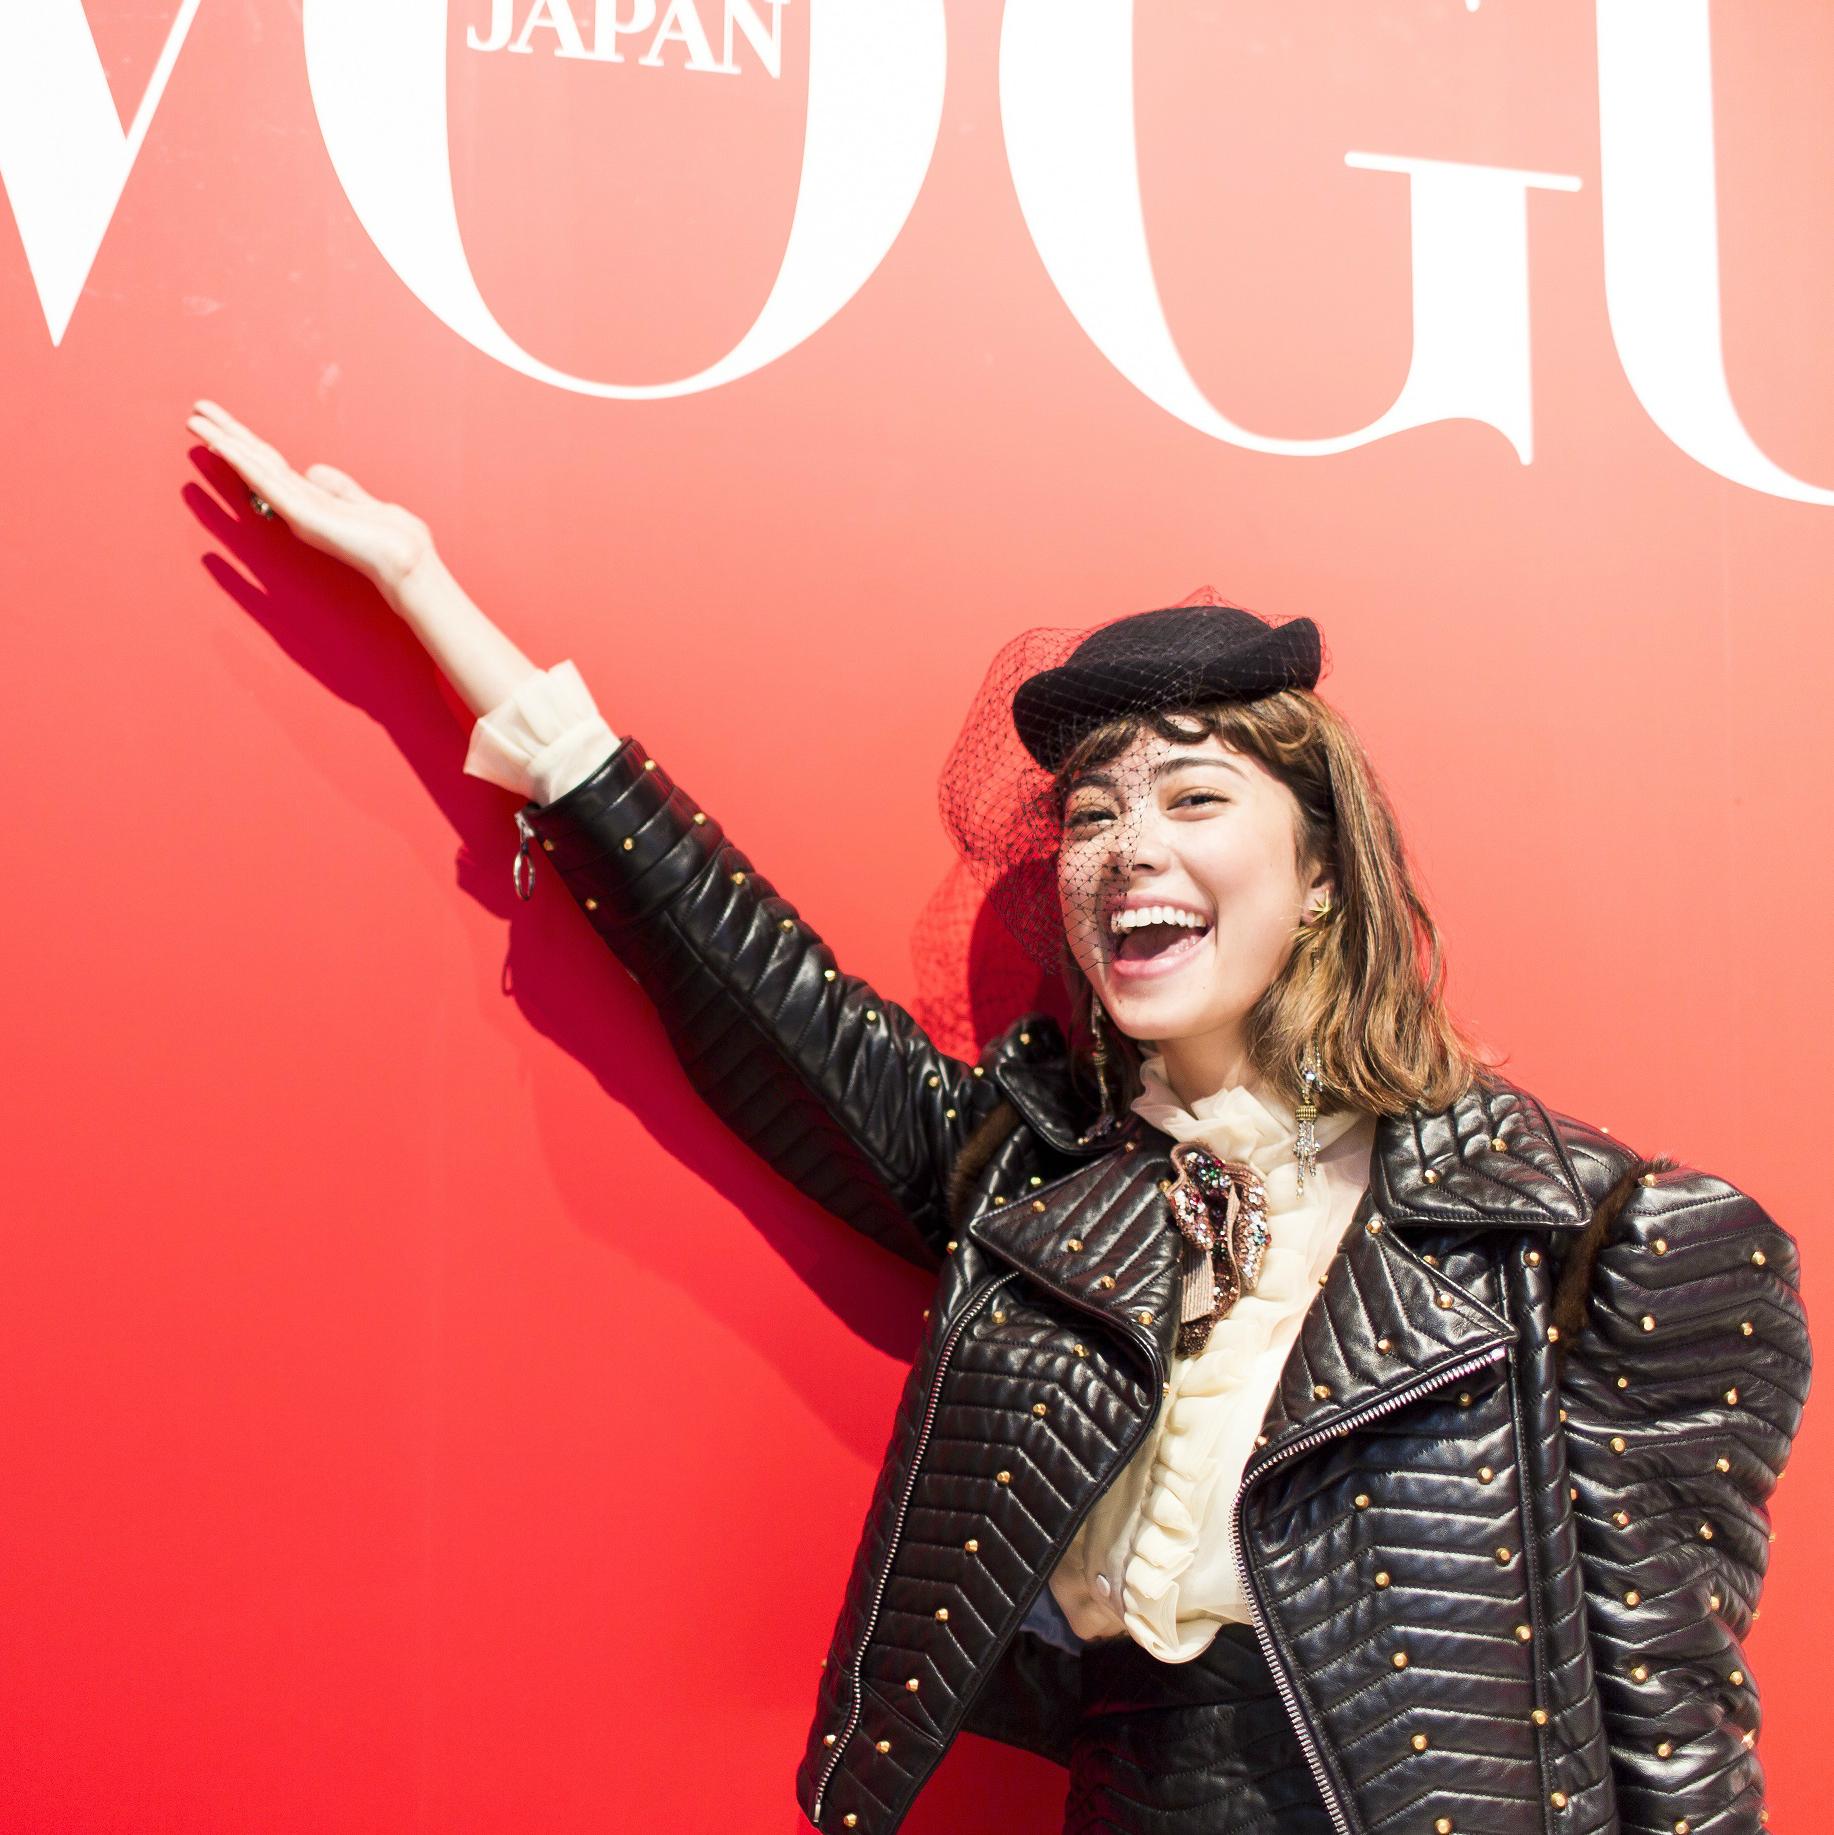 ファッションは自分を映す鏡! FNO 2016初参加のモデル森星さんにスペシャルインタビュー